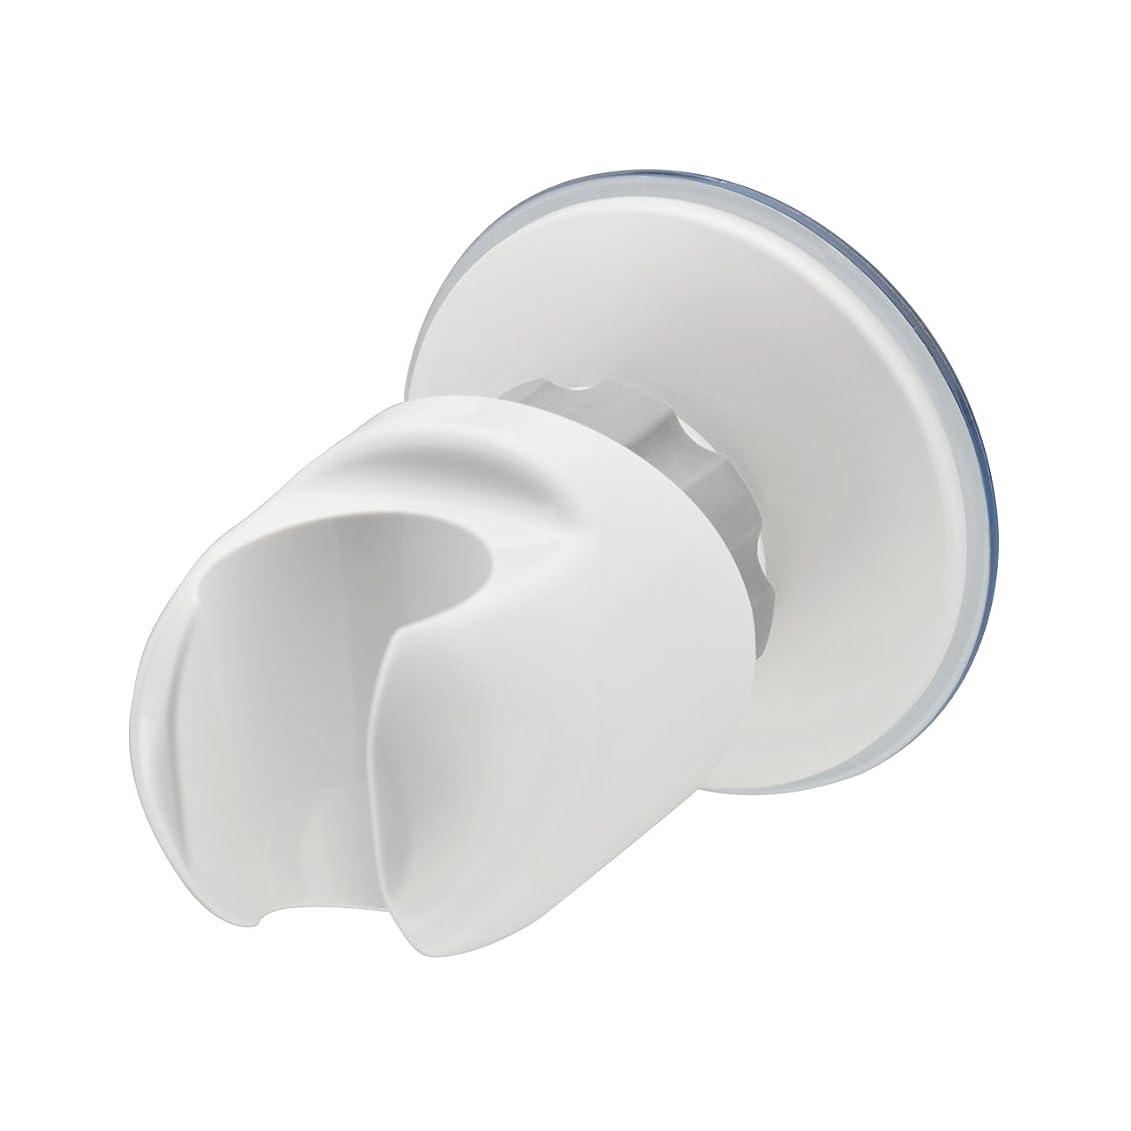 脆いロデオ欠伸カクダイ 角度調節シャワーフック ホワイト 353-582